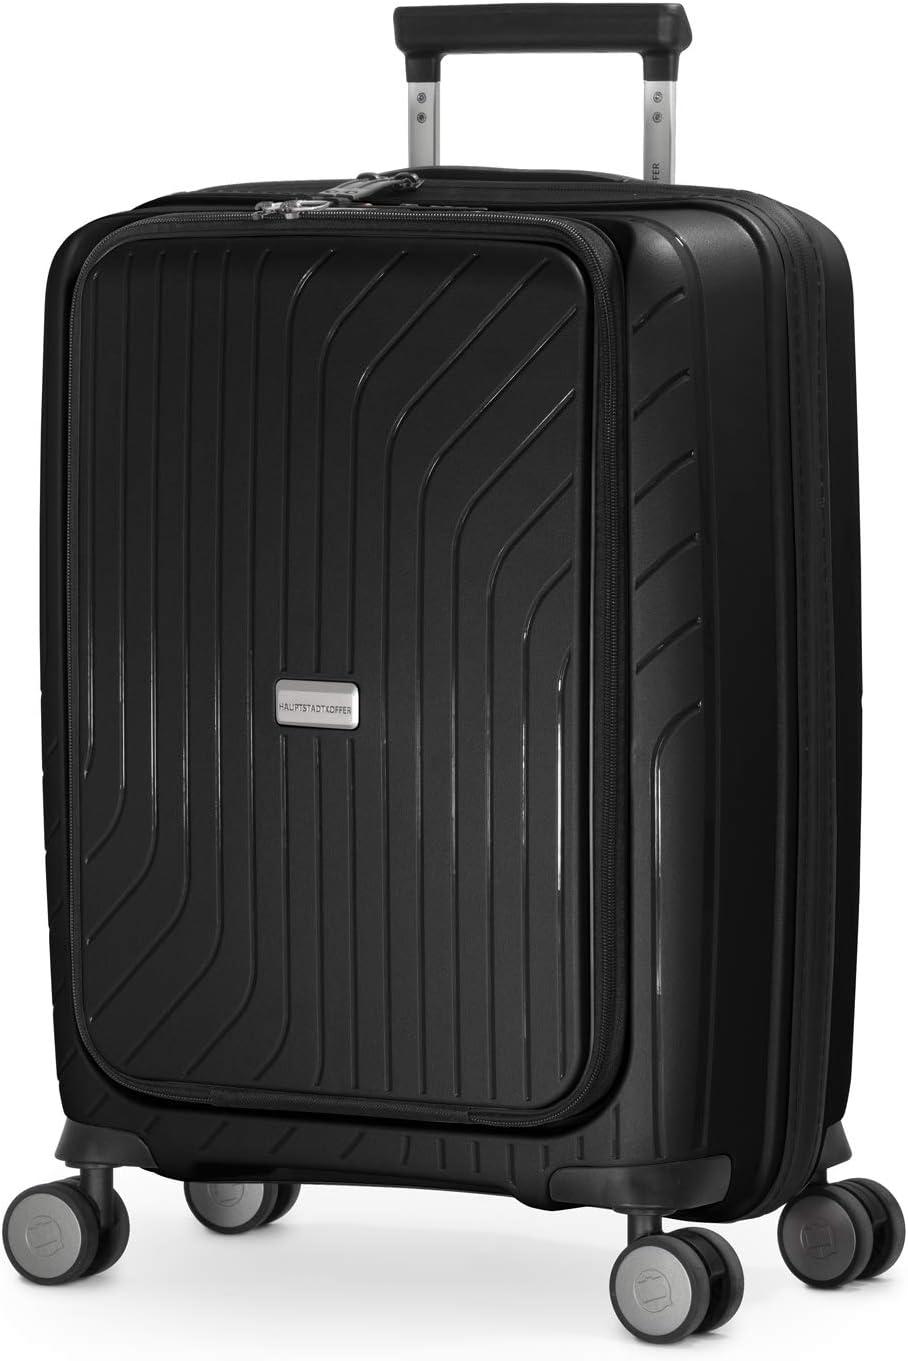 HAUPTSTADTKOFFER - TXL - Equipaje de Mano liviano, maletín con Compartimiento para portátil, Trolley rígido de Polipropileno Resistente, 55 cm, 40 L, Cierre TSA, Negro